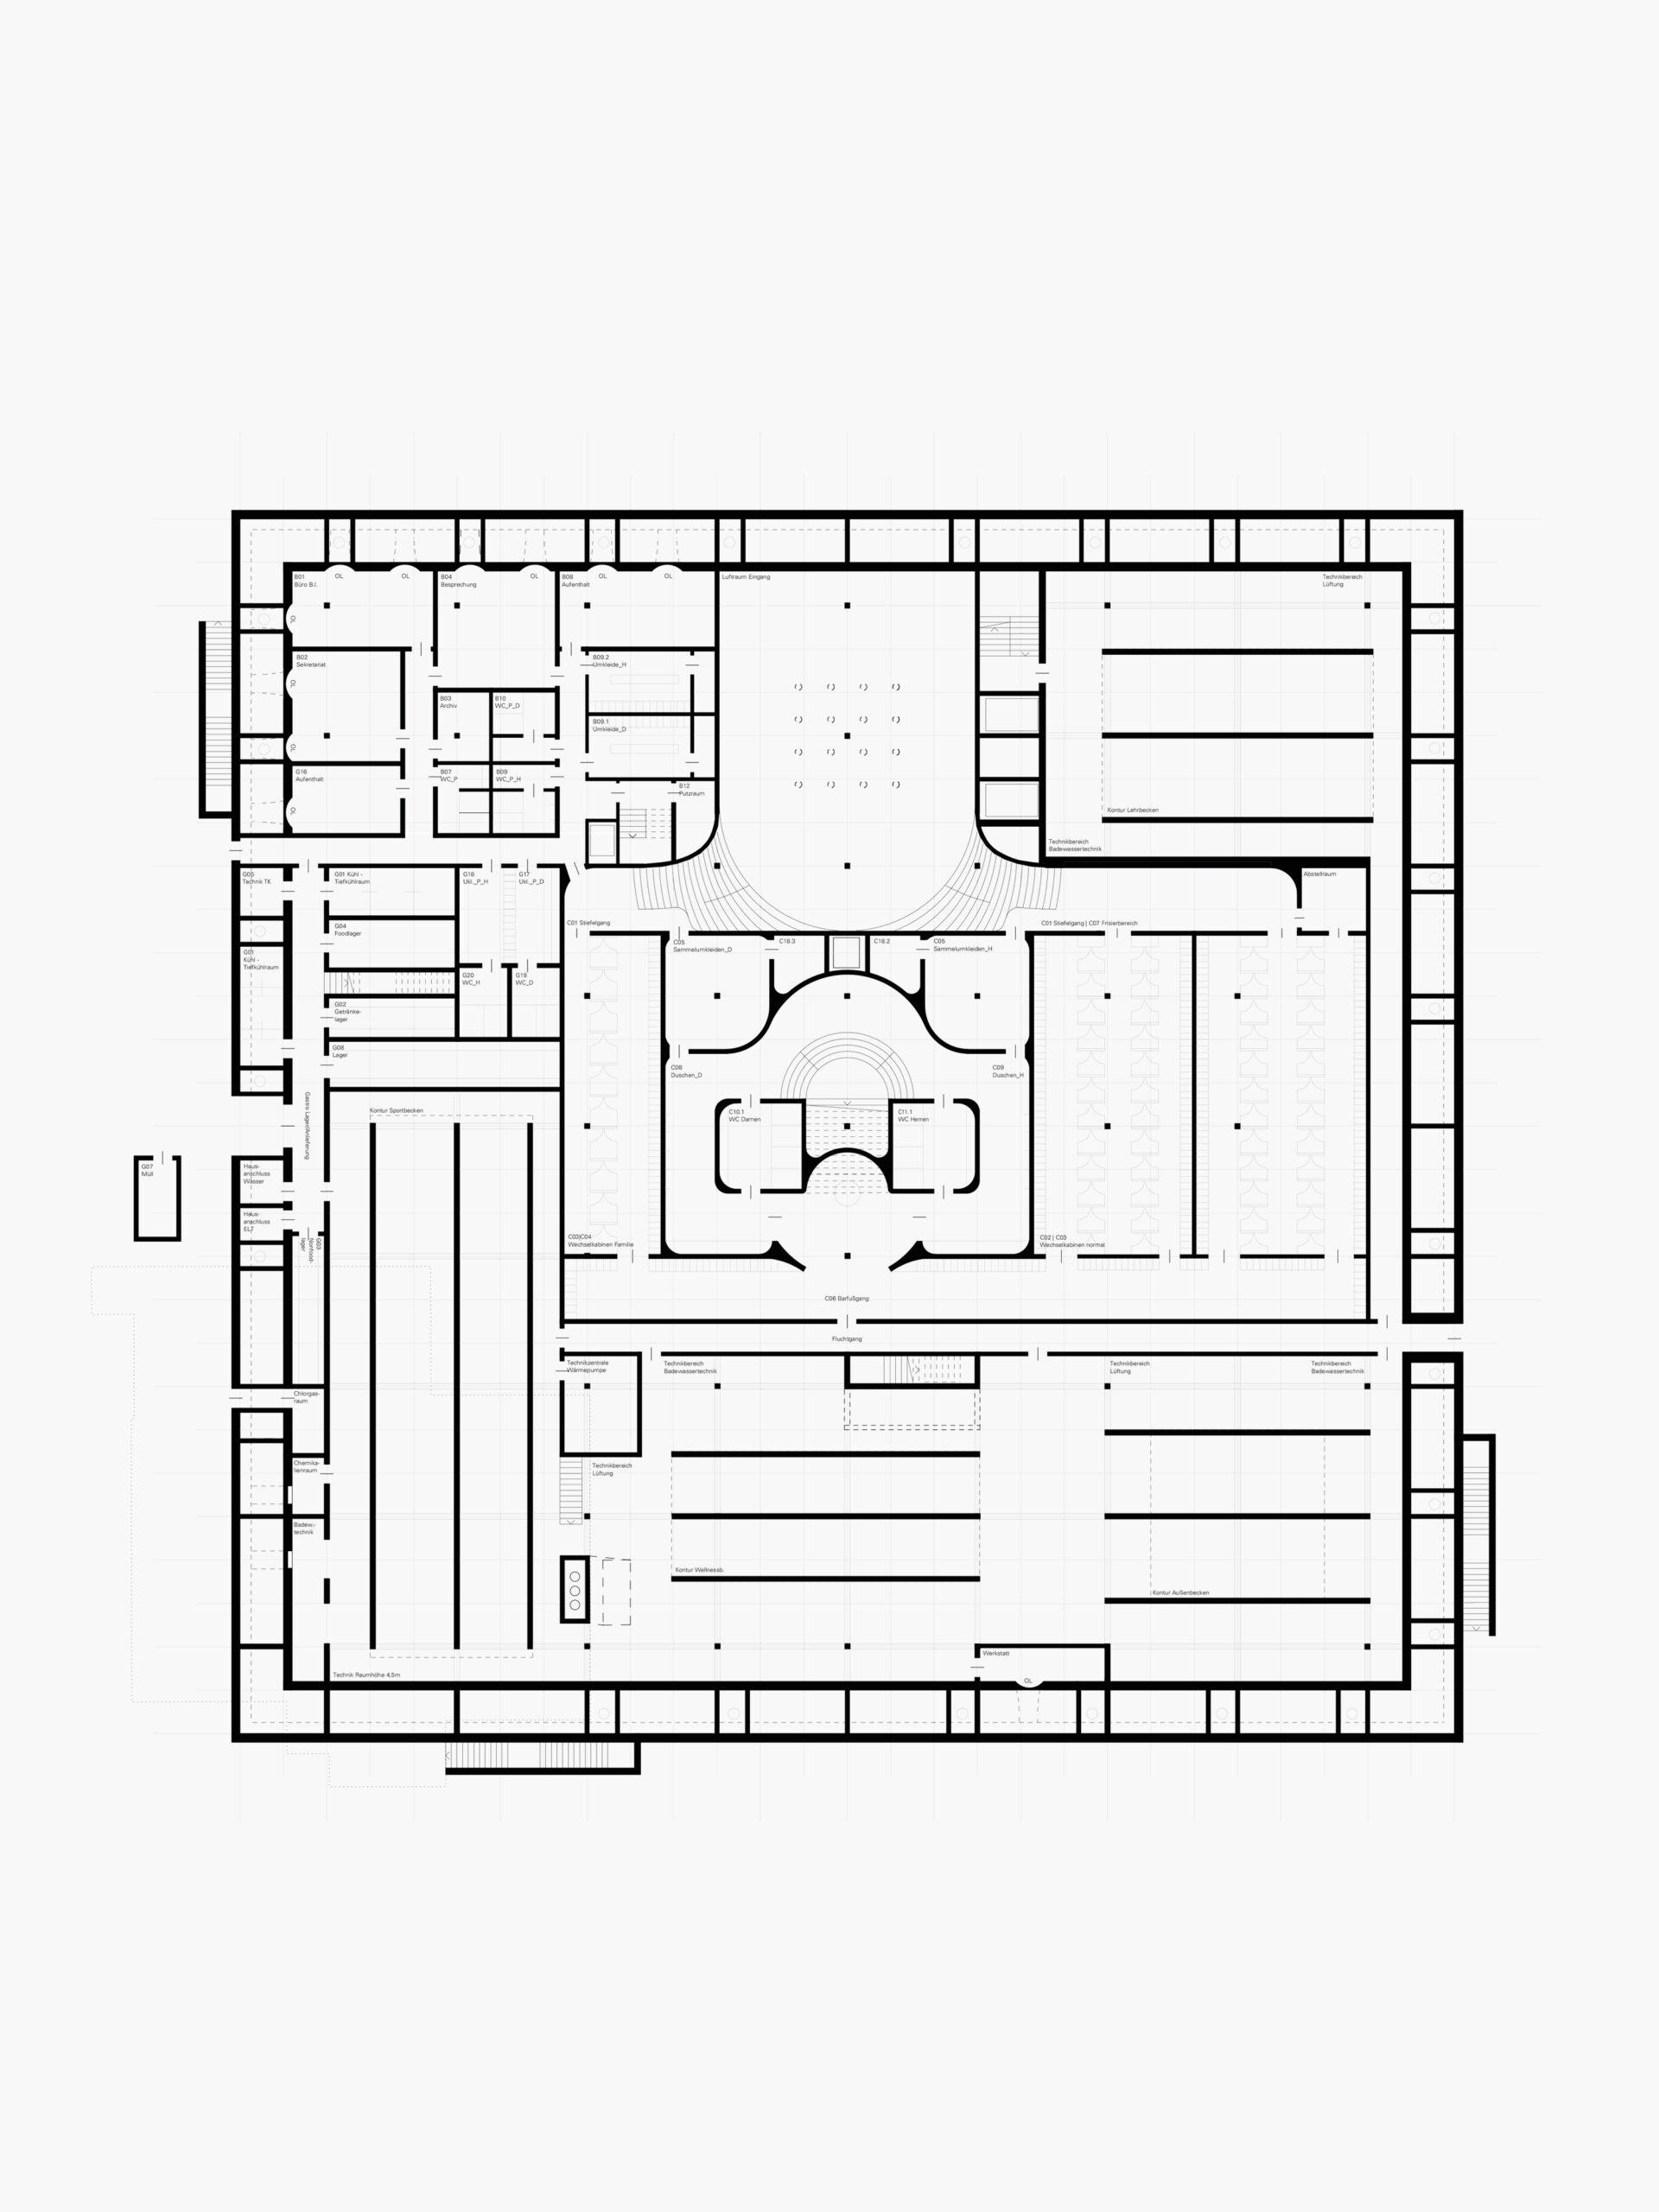 Michael-Becker-Architects-Architekten-Therme-Oberstdorf-Grundriss-KG